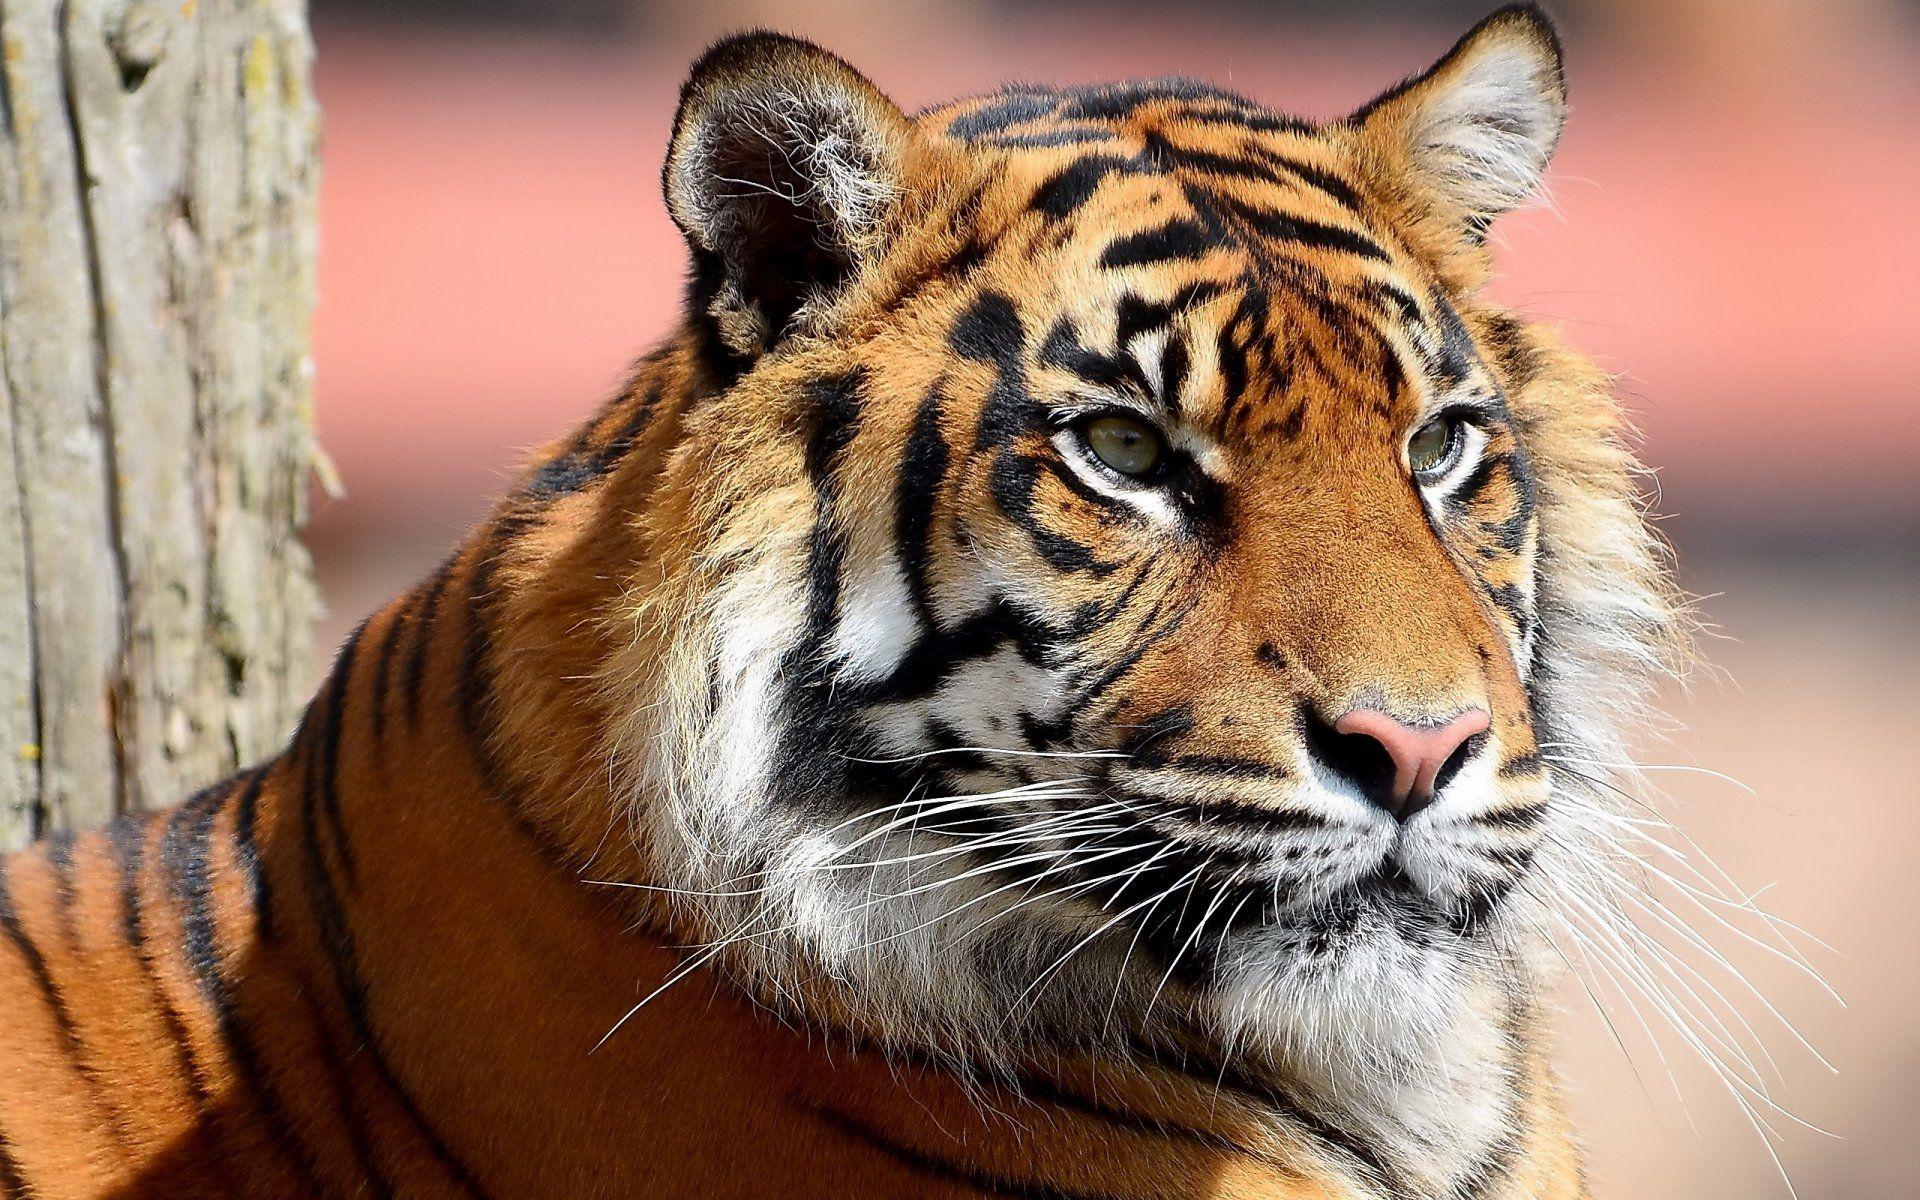 Tiger, 1080p Wallpaper